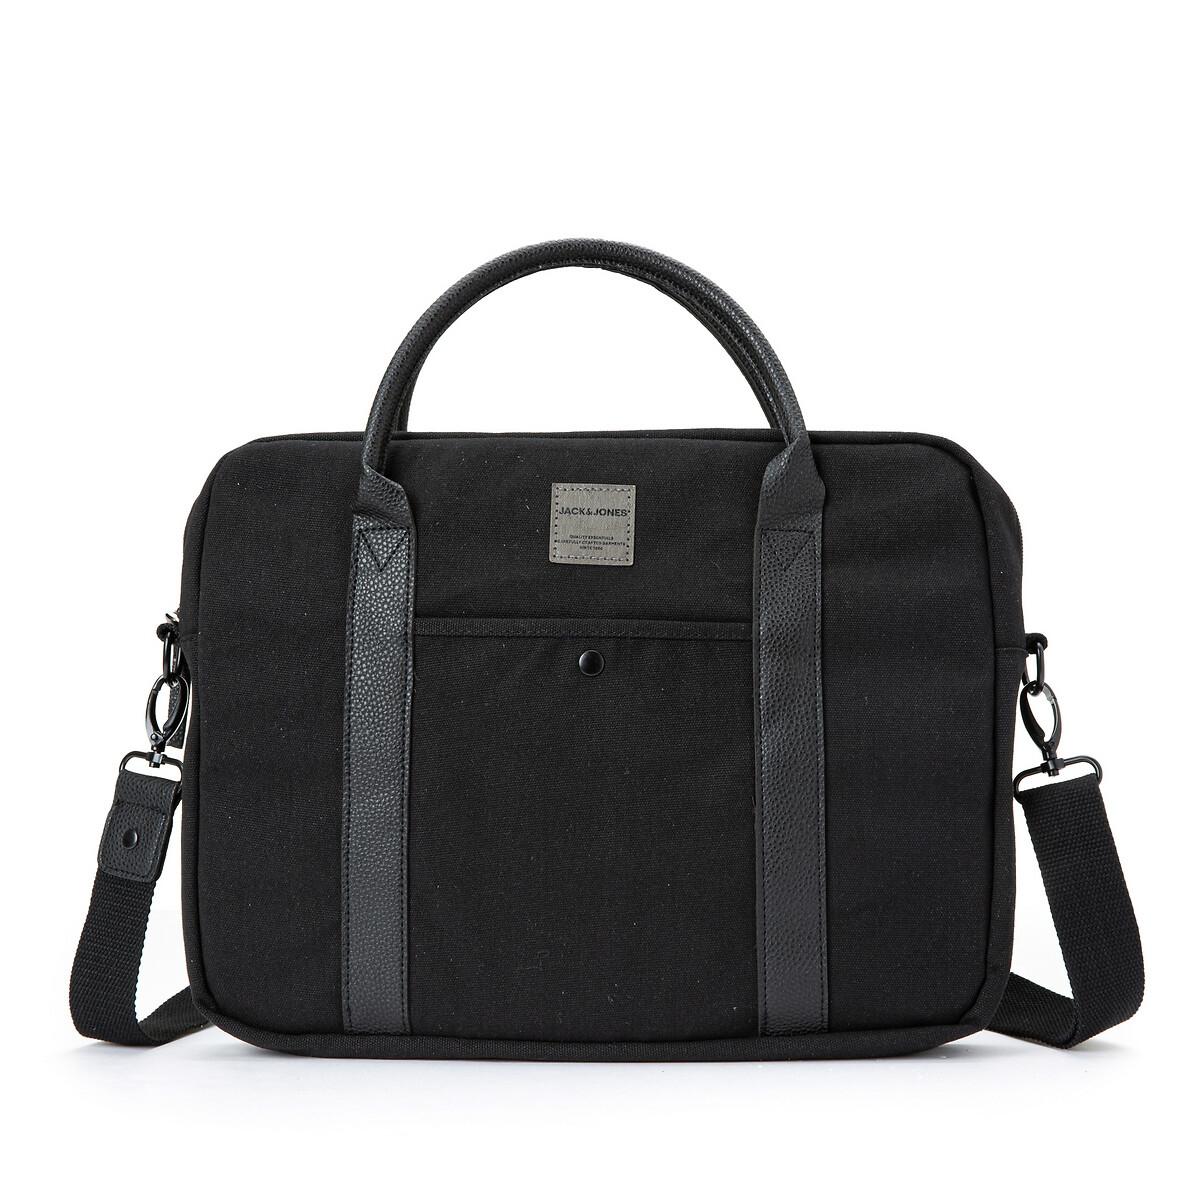 Сумка-чемоданчик La Redoute La Redoute единый размер черный металлическая la redoute тумба hypnos единый размер черный